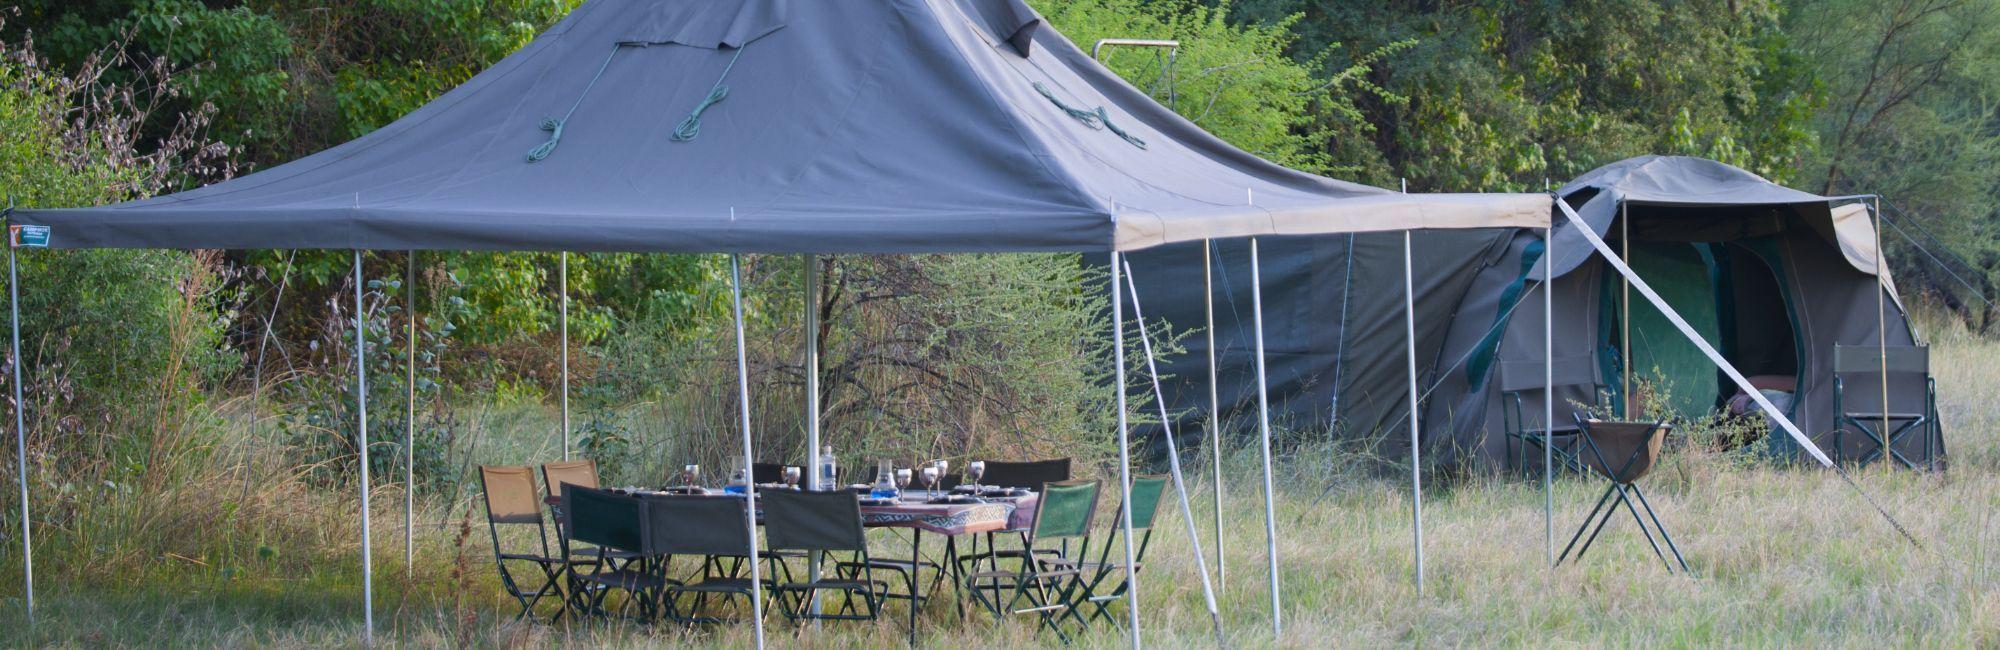 Luxe mobiele kampeersafari